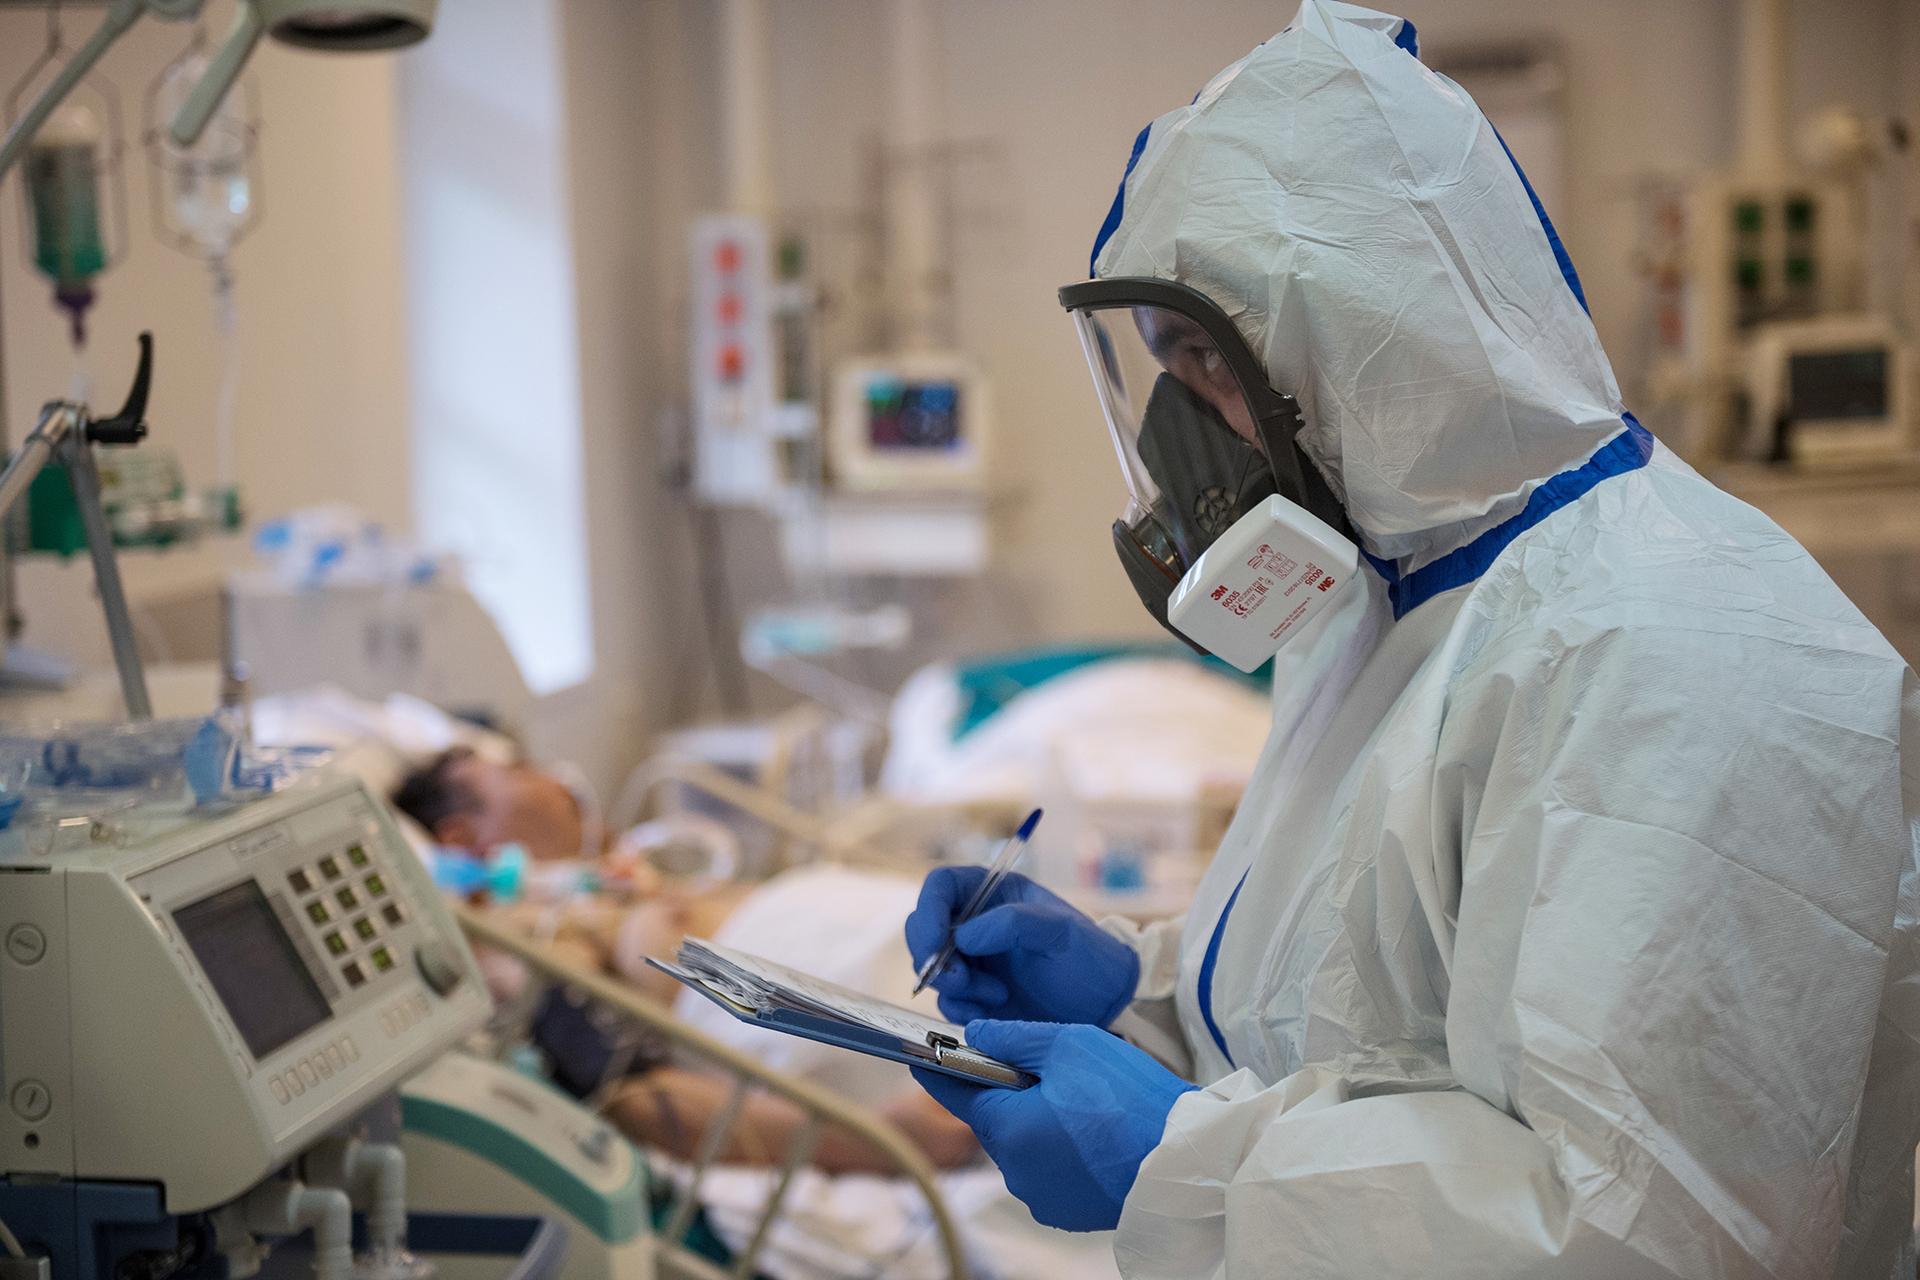 Центром Langone Health названо причиной смертности от SARS-CoV-2 большую вирусную нагрузку